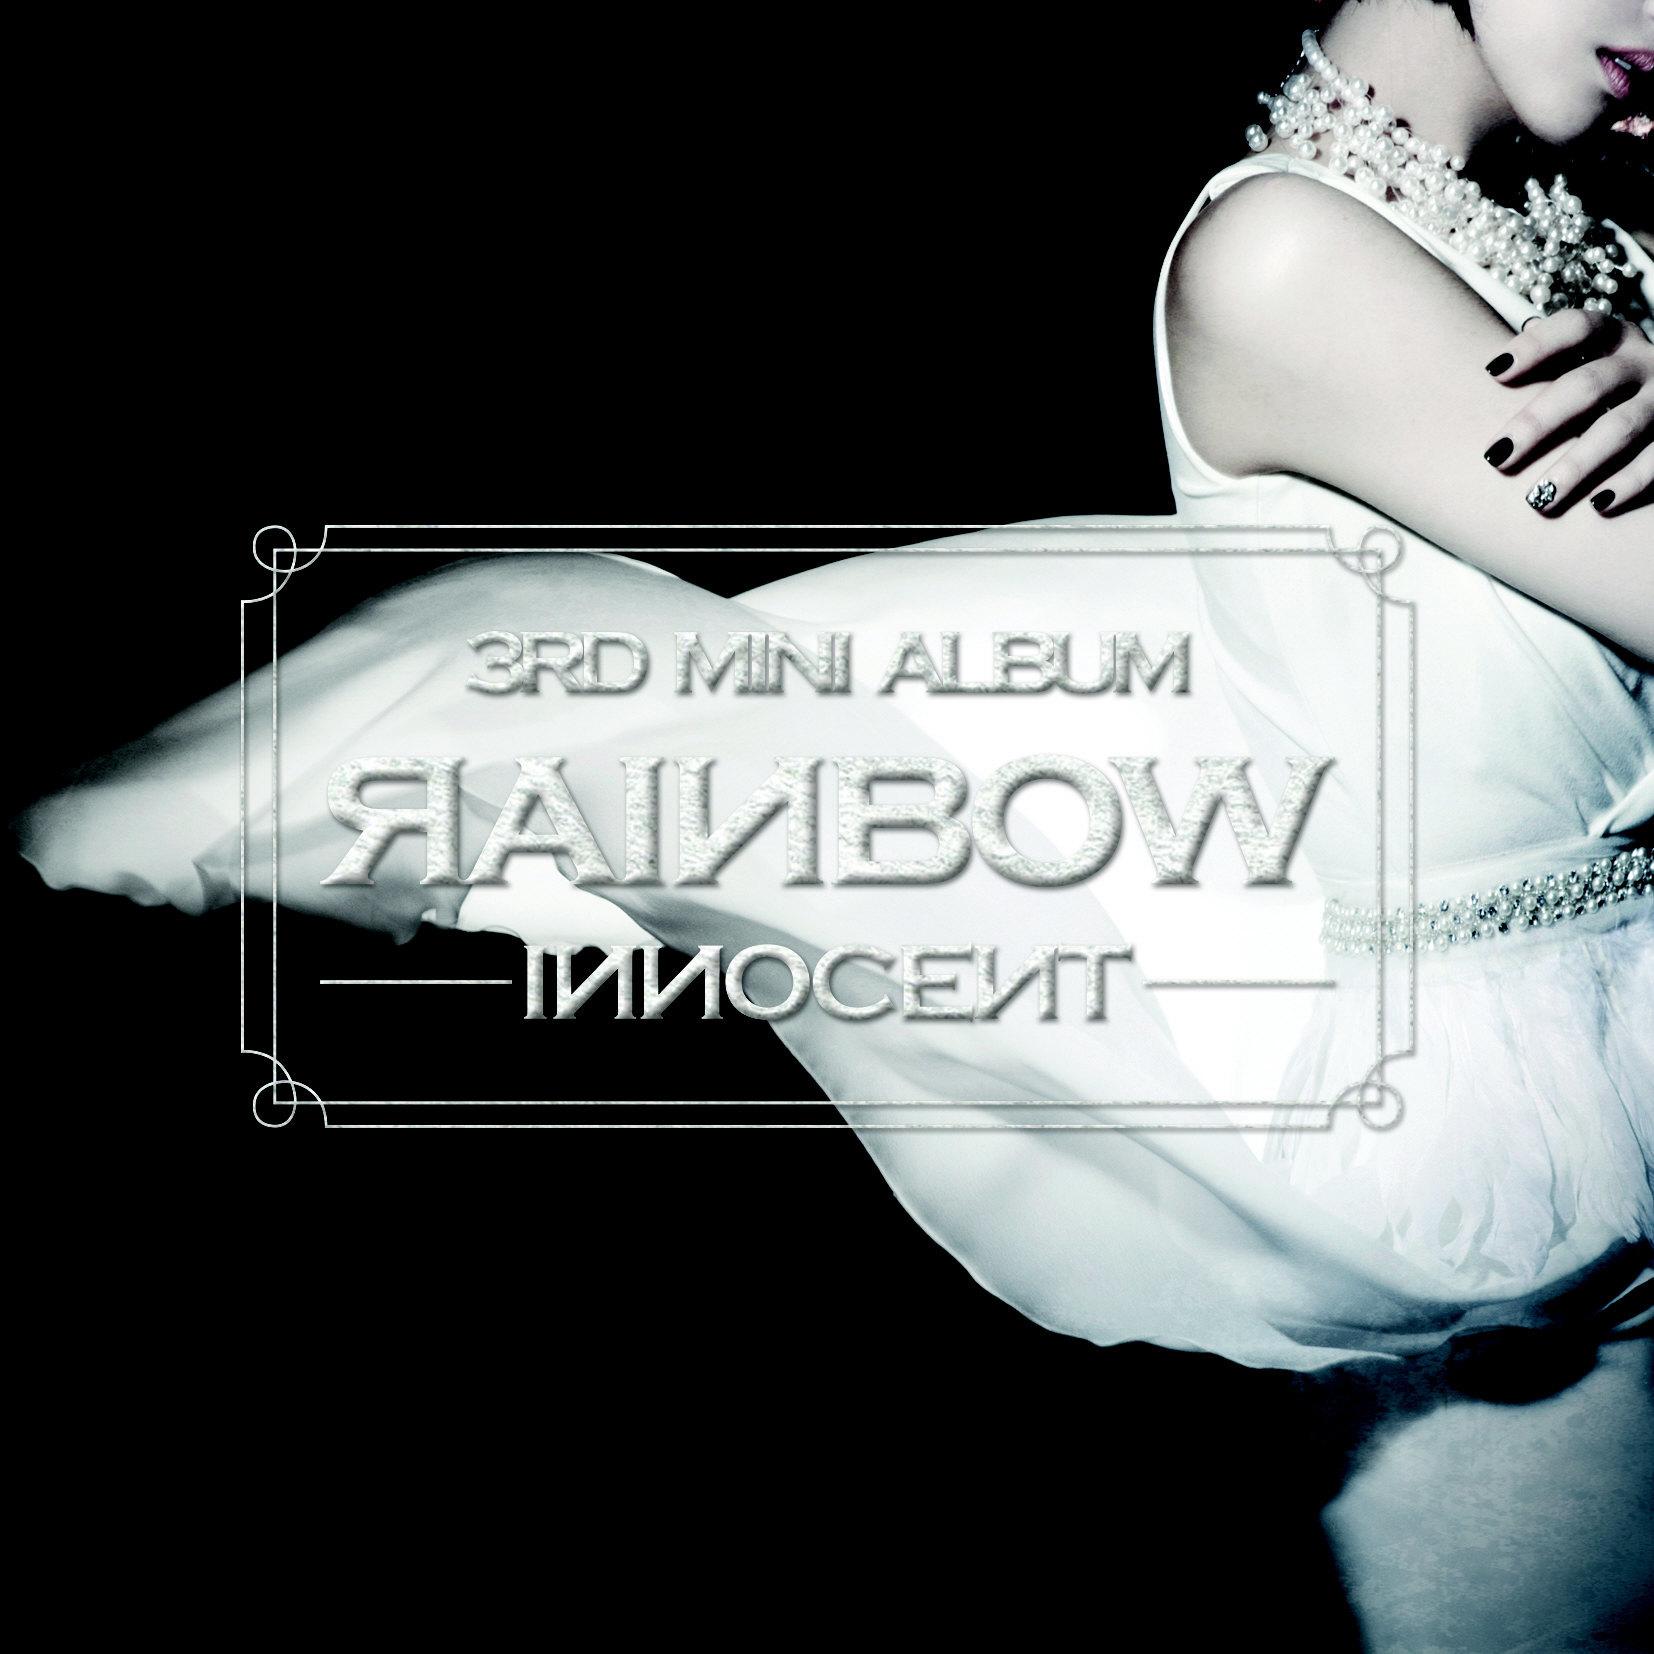 20151118.02 Rainbow - Innocent cover.jpg